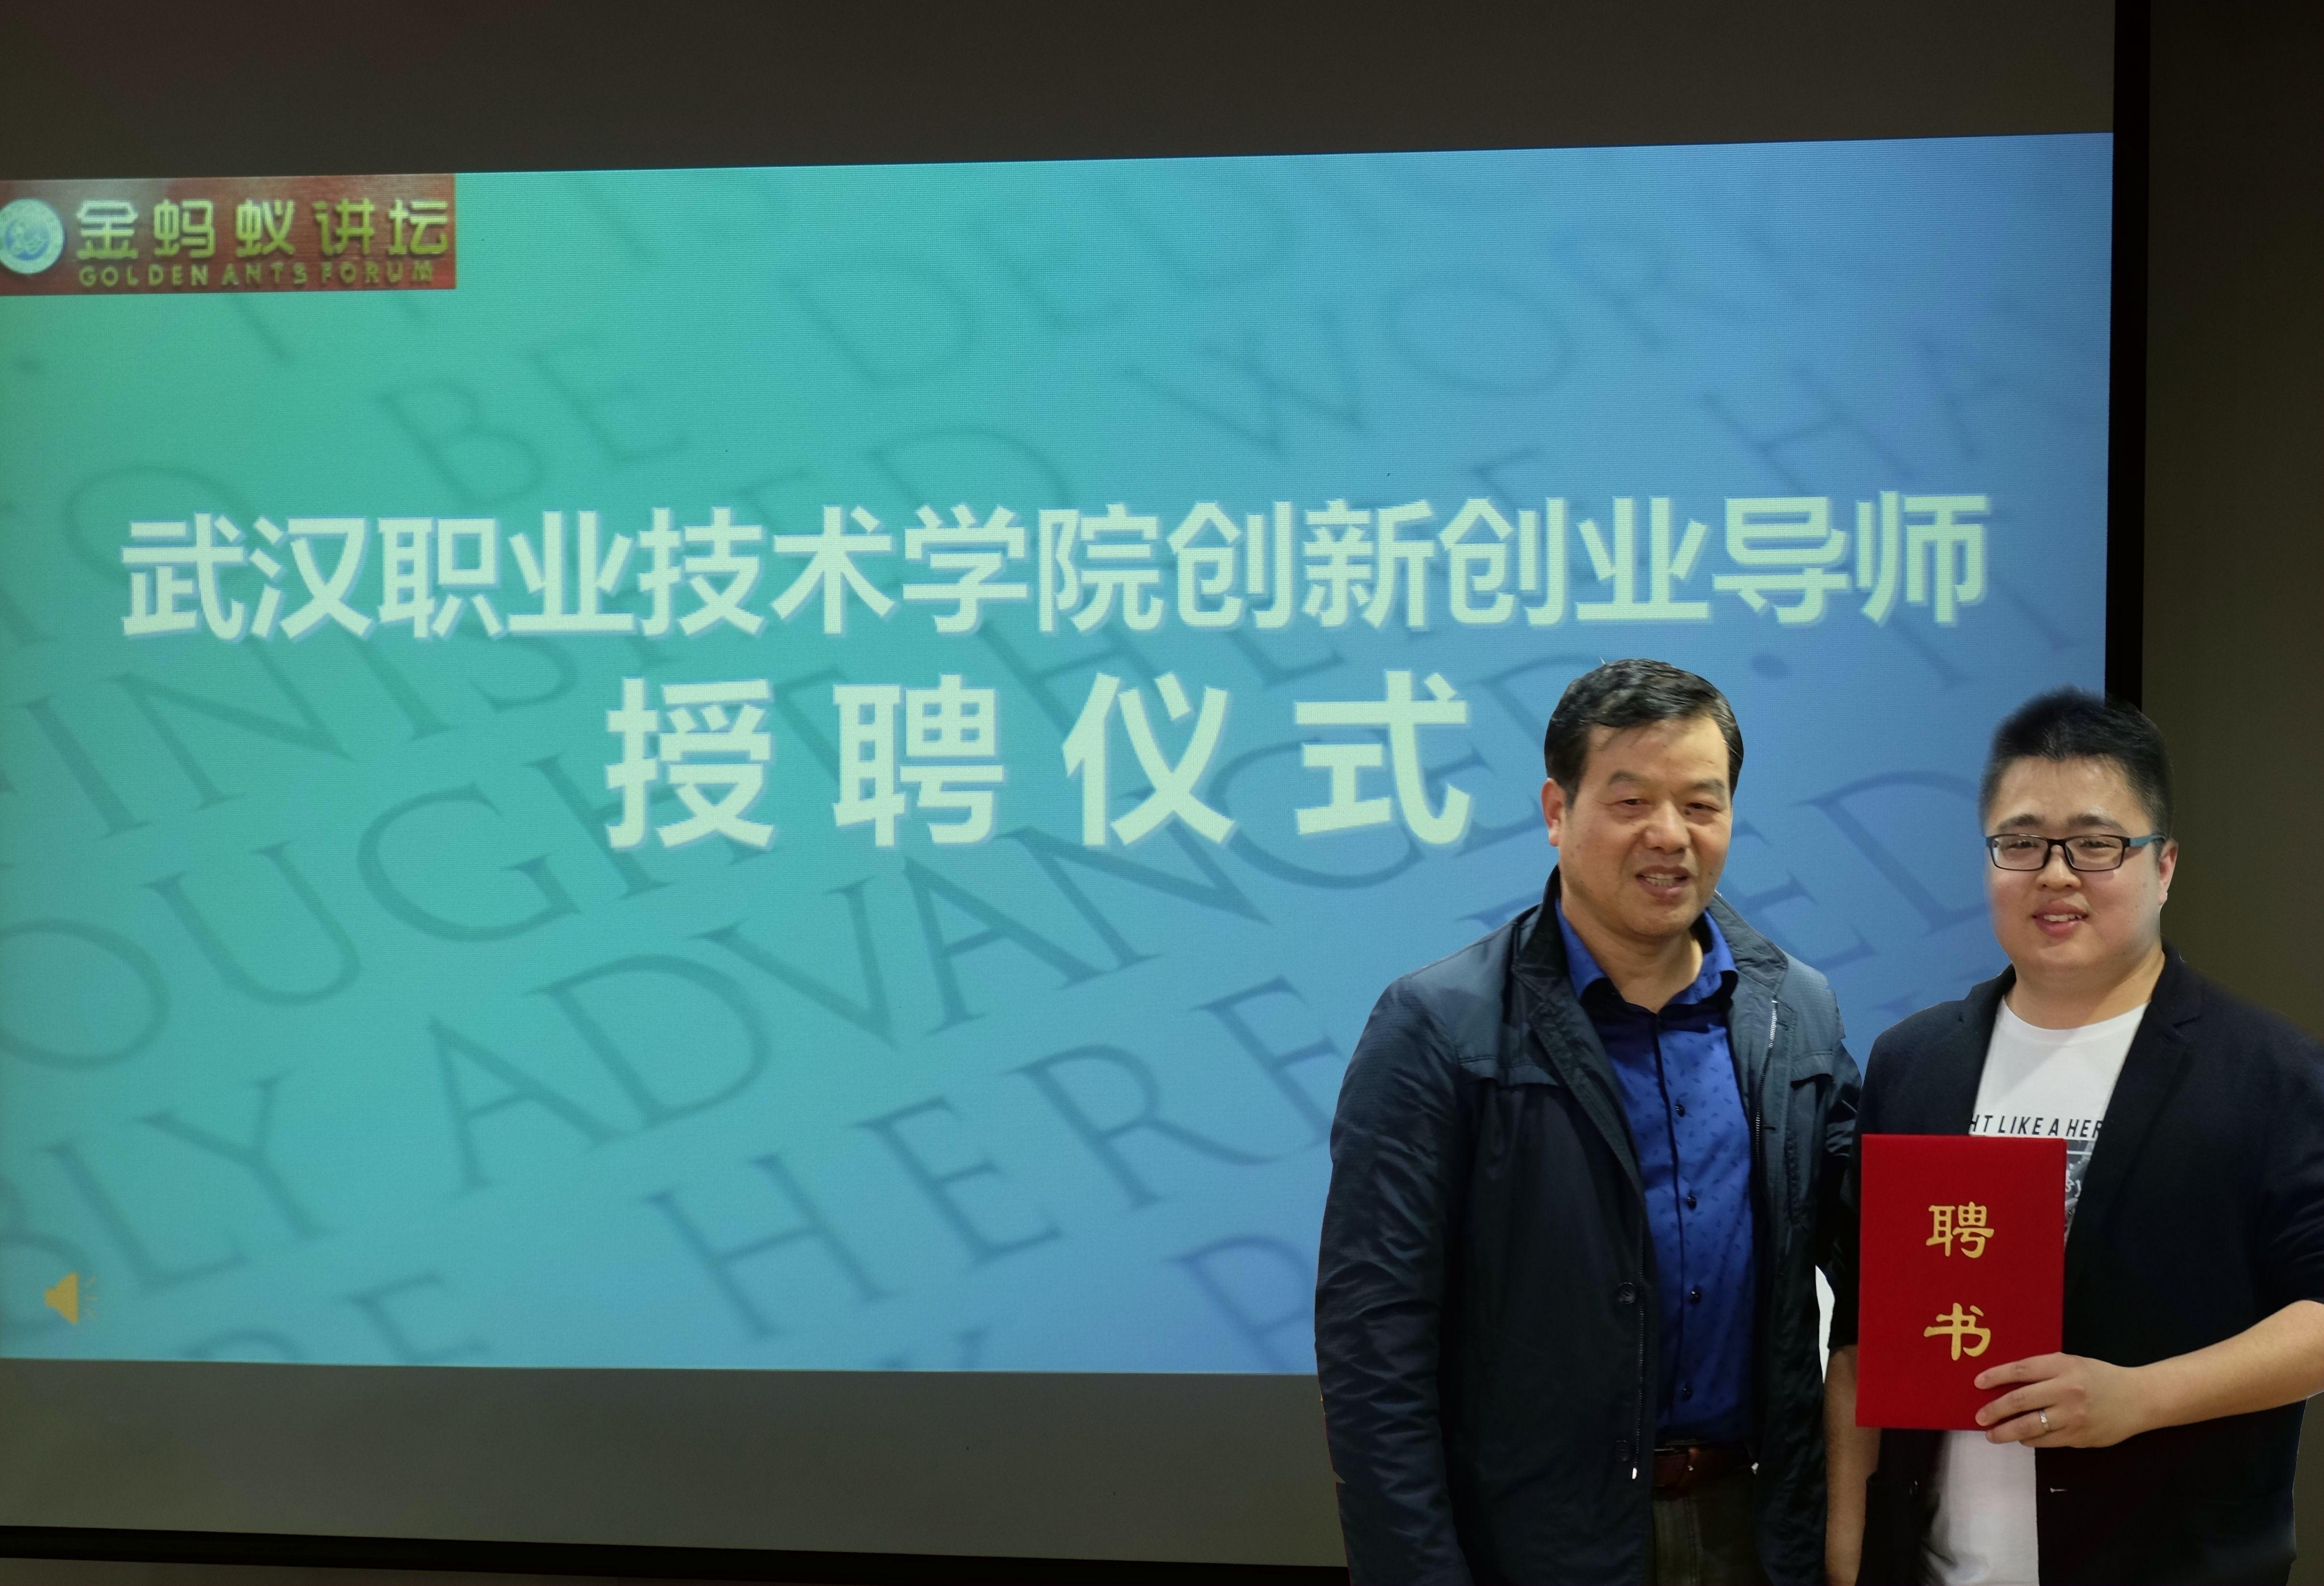 王朋和李明是九年级_90后ceo校友王朋返校畅谈创业心路历程